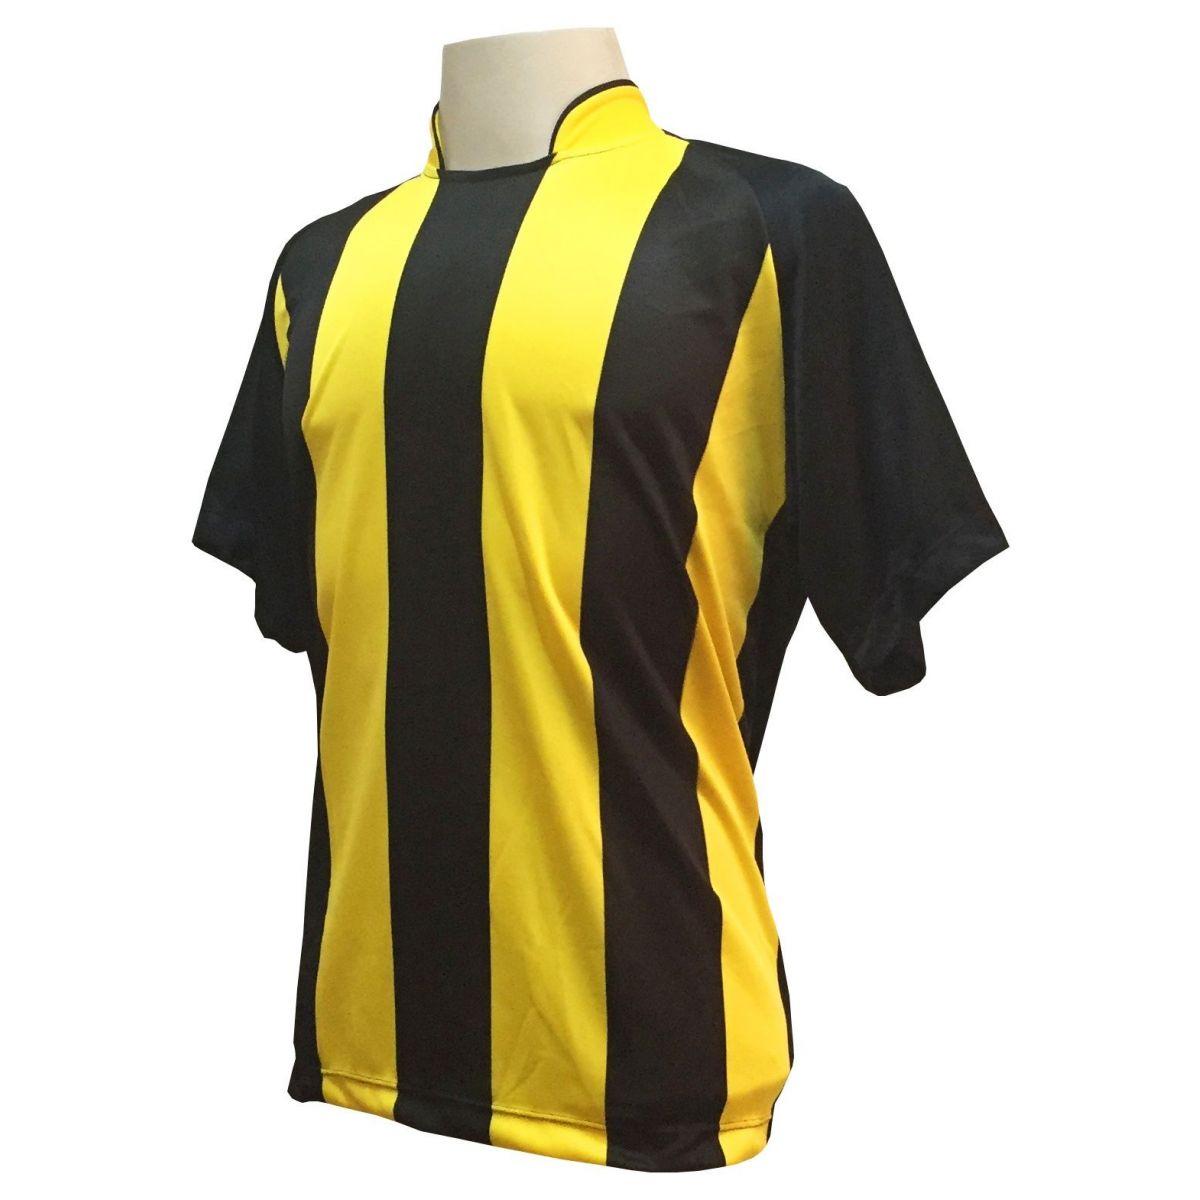 Uniforme Esportivo com 20 camisas modelo Milan Preto/Amarelo + 20 calções modelo Madrid Preto + 20 pares de meiões Preto